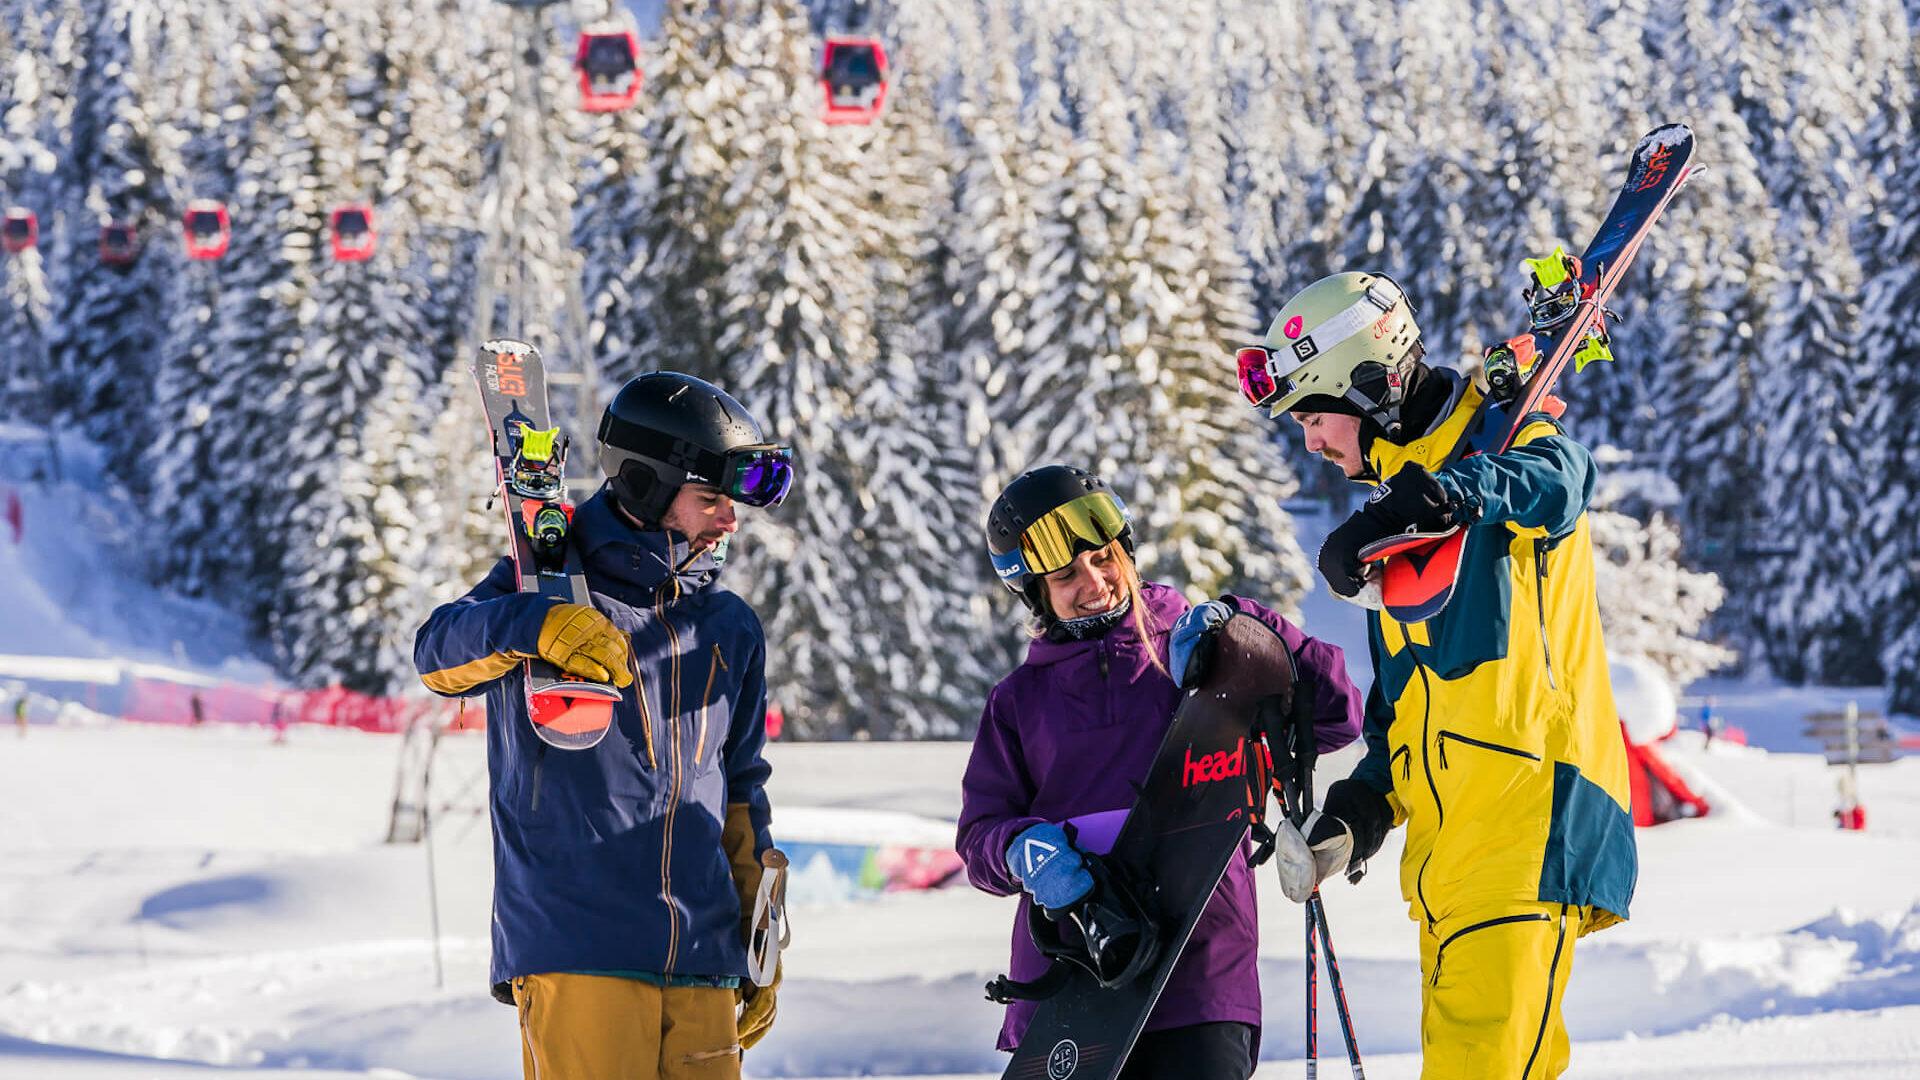 Skieurs et snowboardeuse discutant avec télécabine rouge derrière